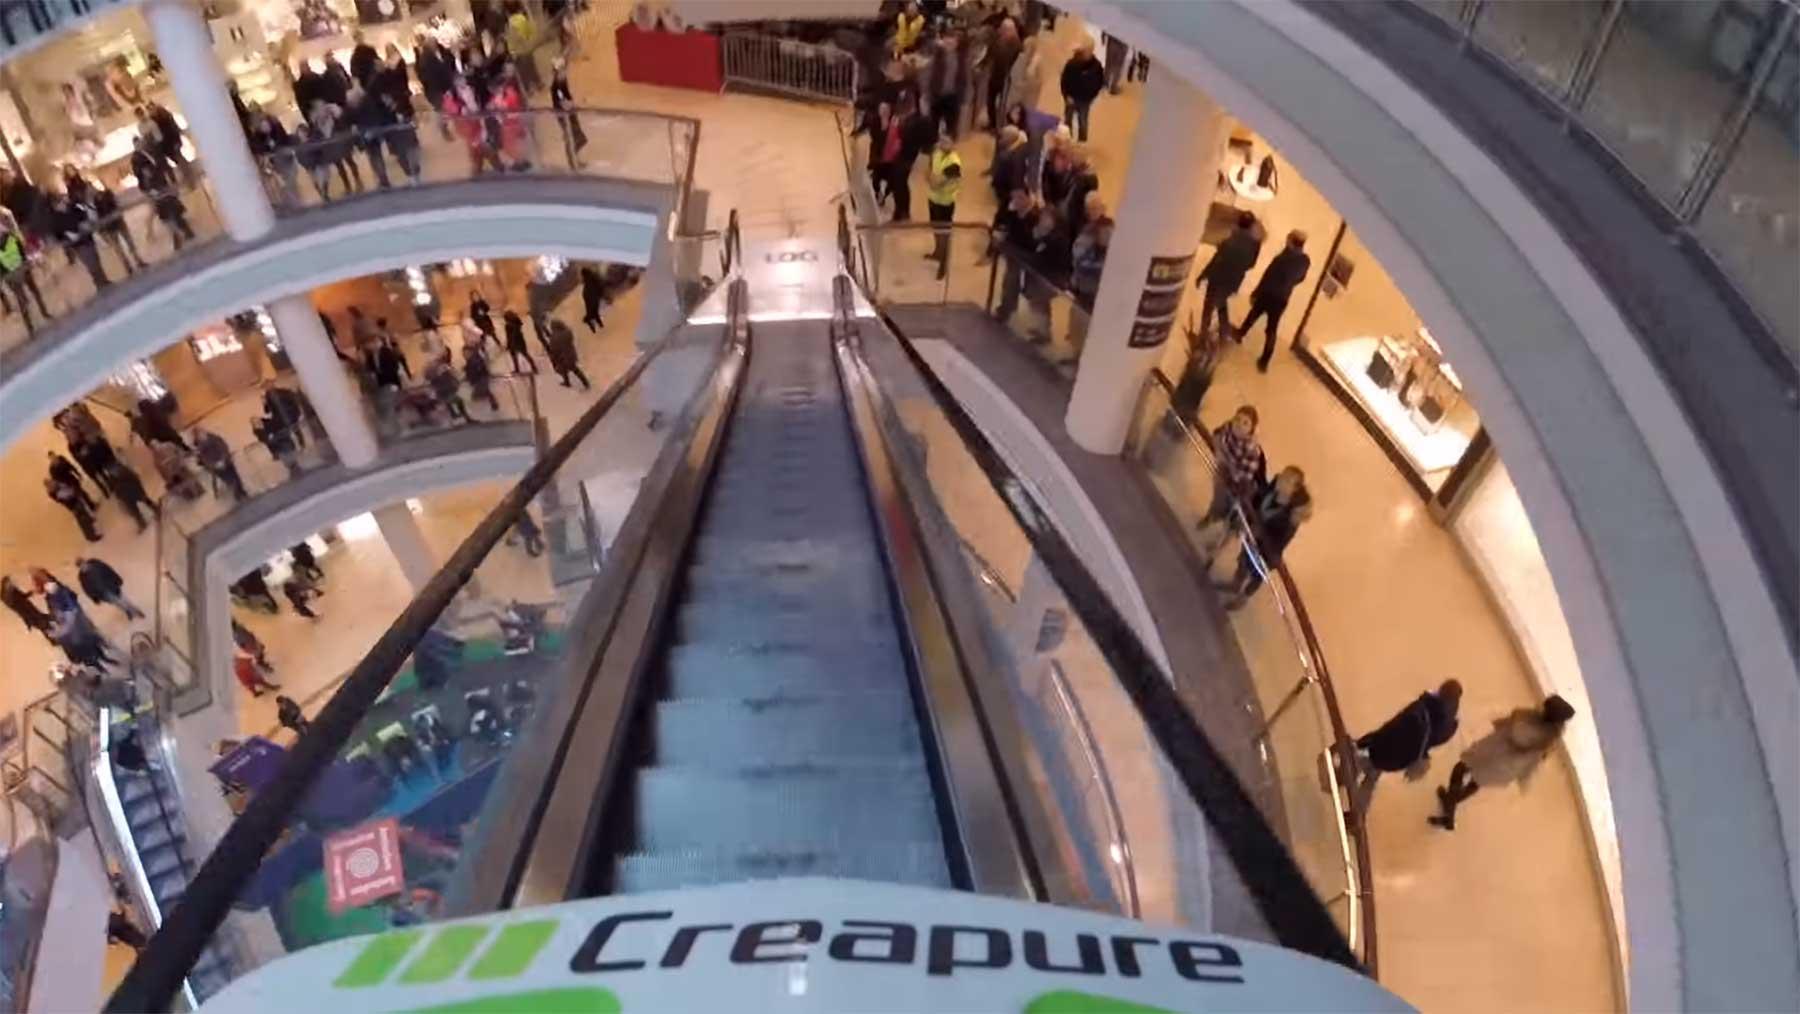 Mit dem Mountainbike durchs Einkaufszentrum rasen